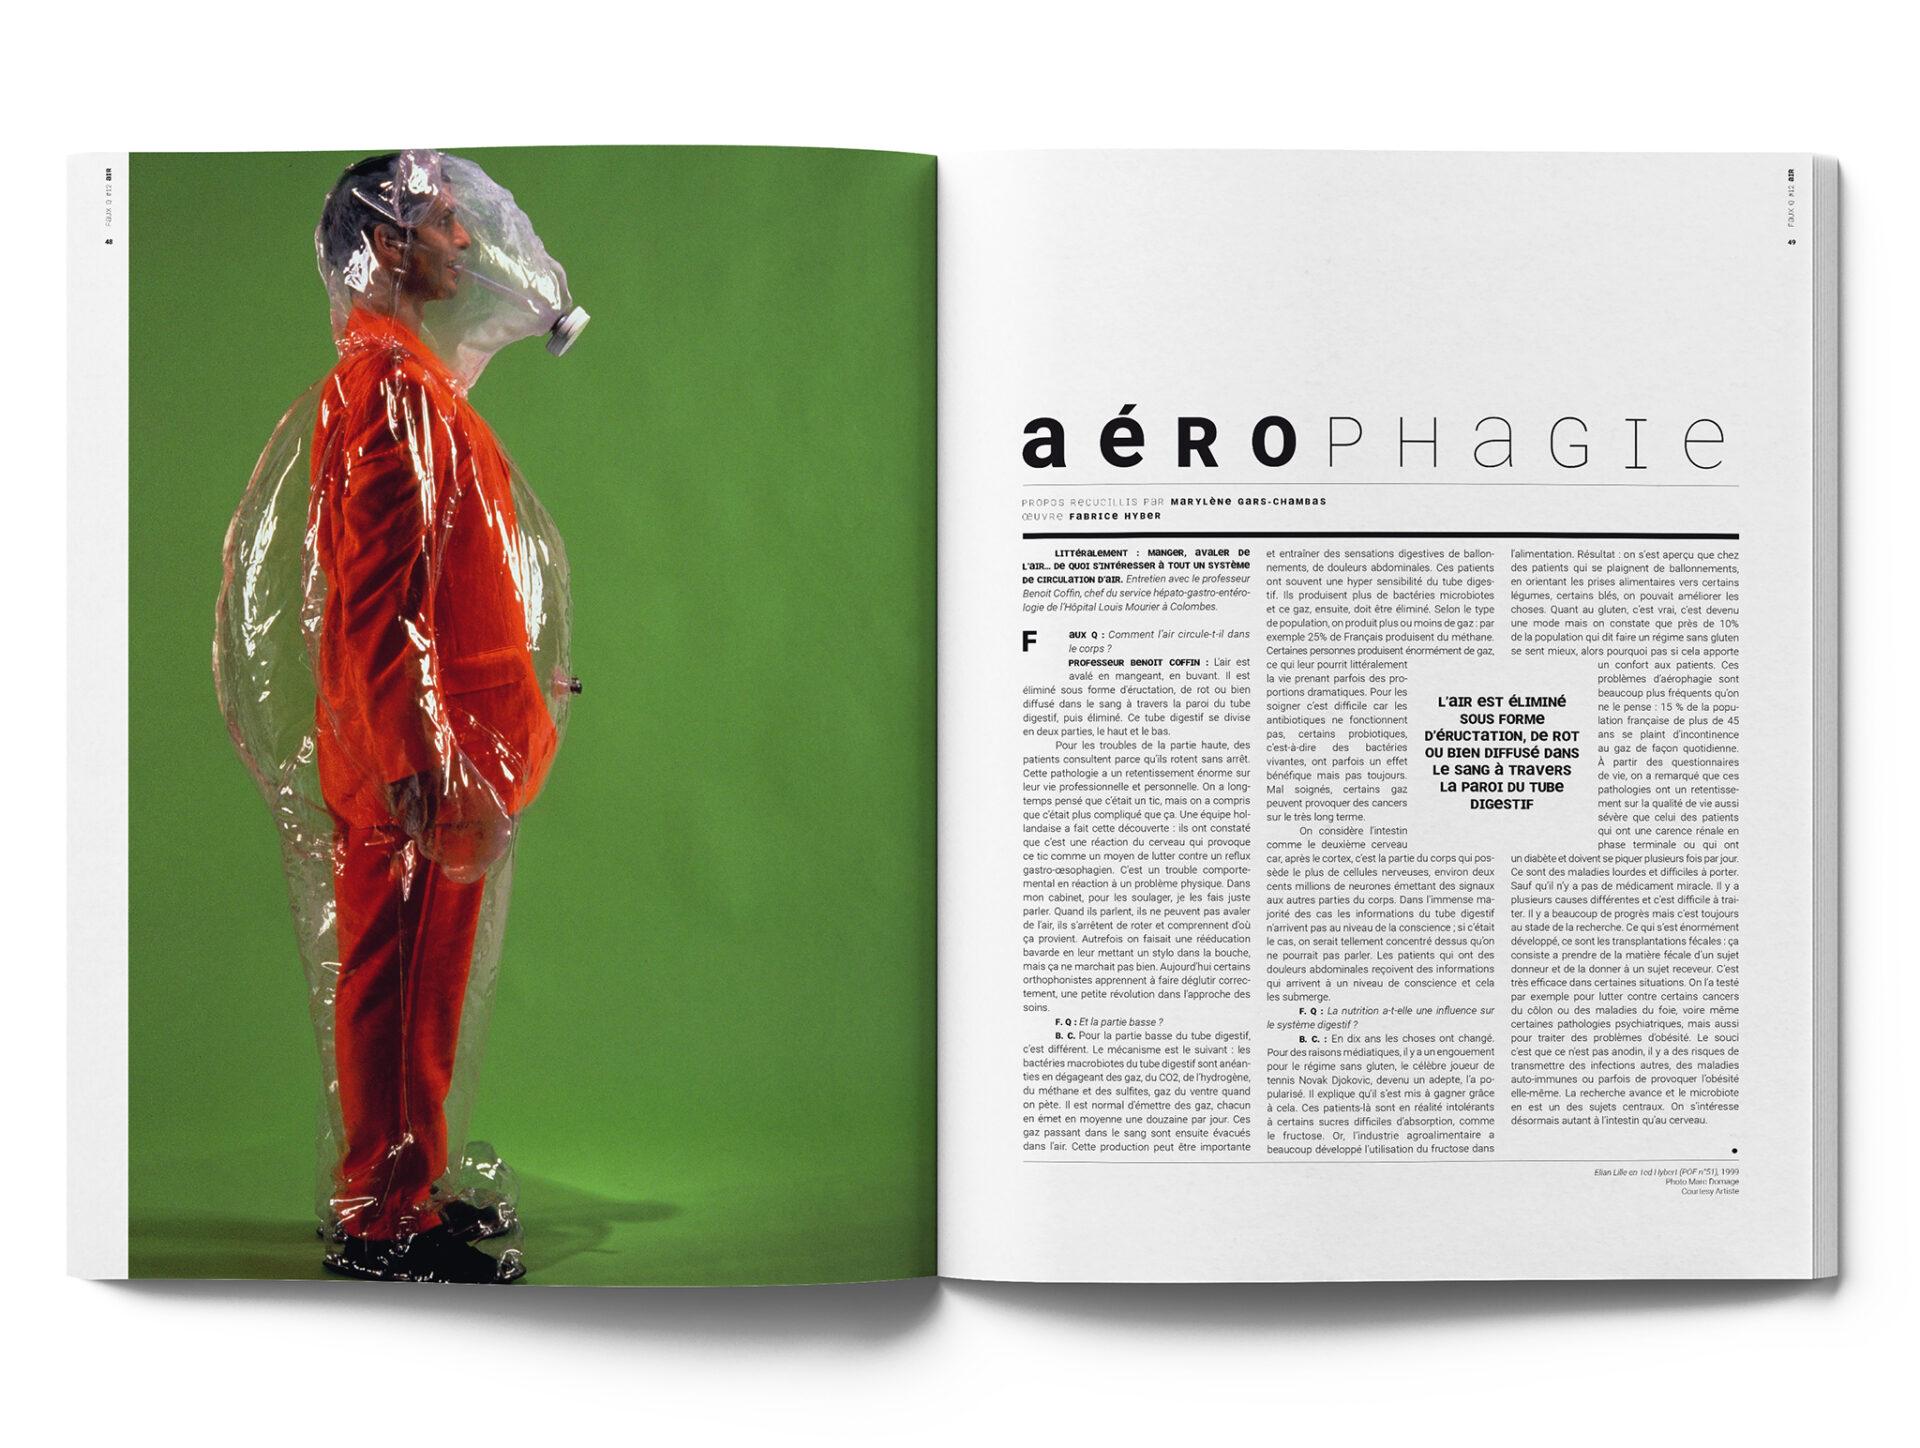 #12 aérophagie